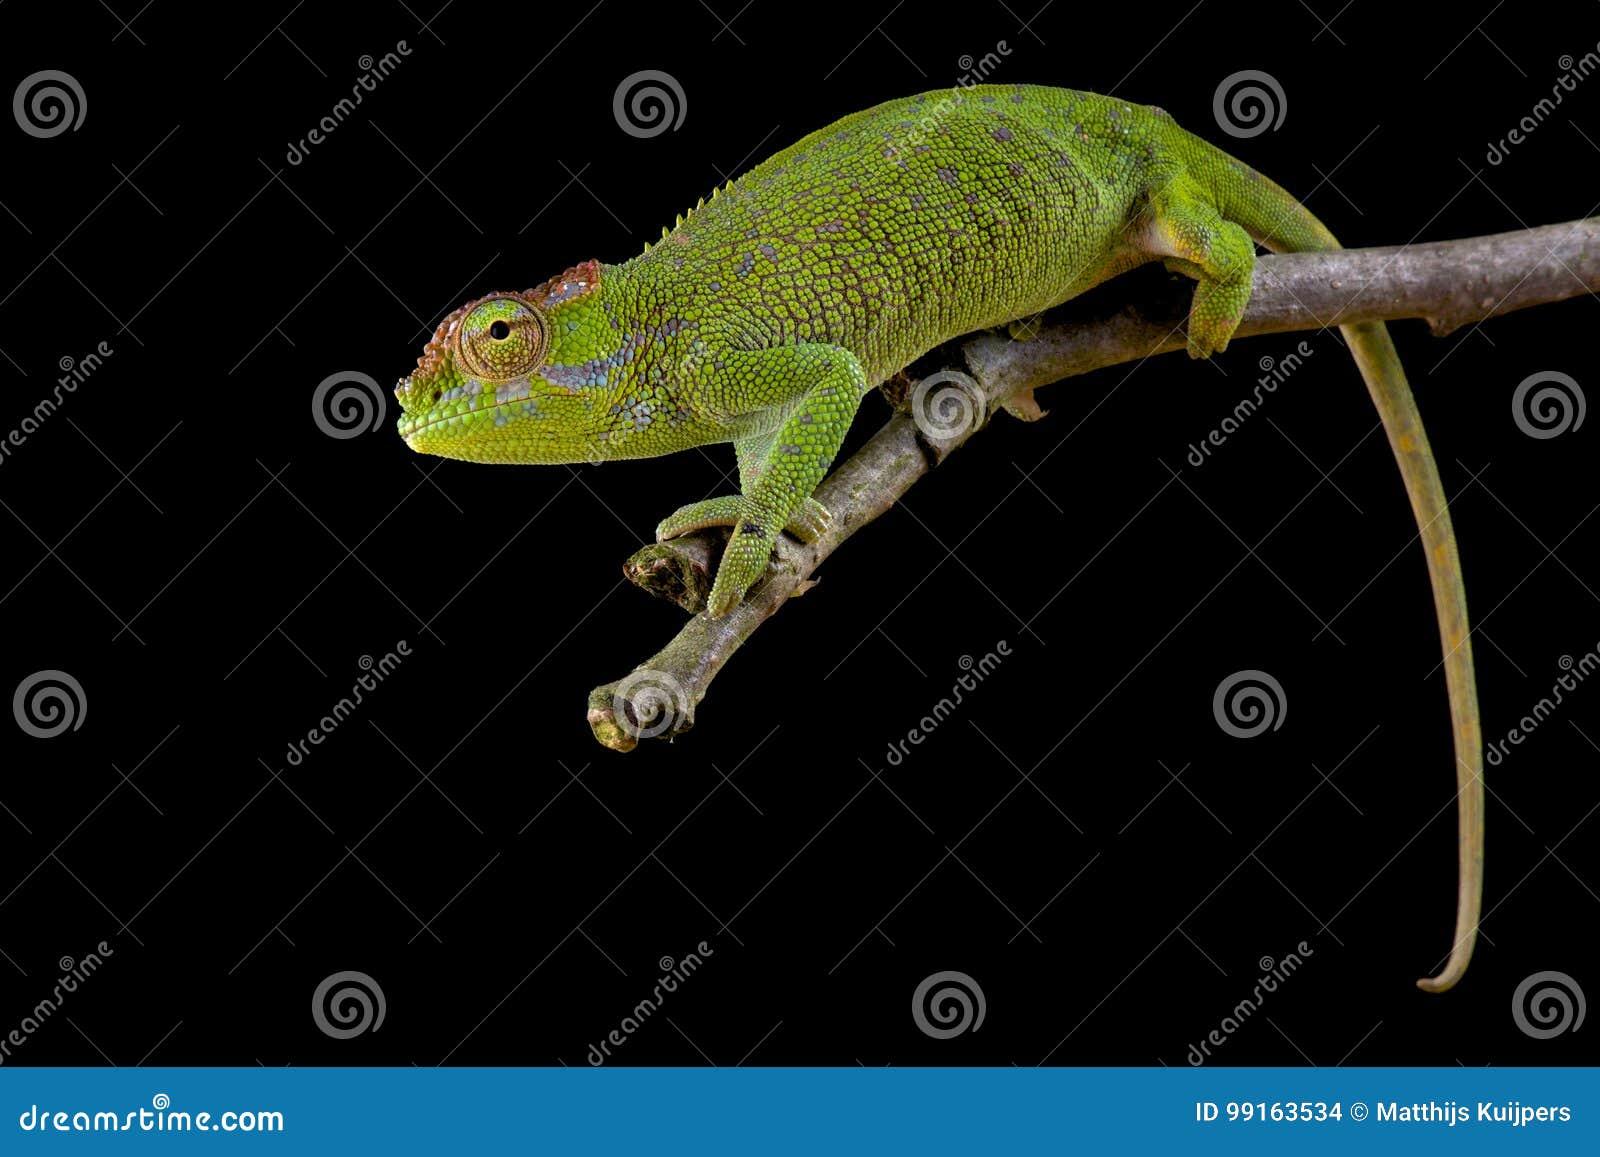 Böhme's Two-horned Chameleon, Kinyongia boehmei